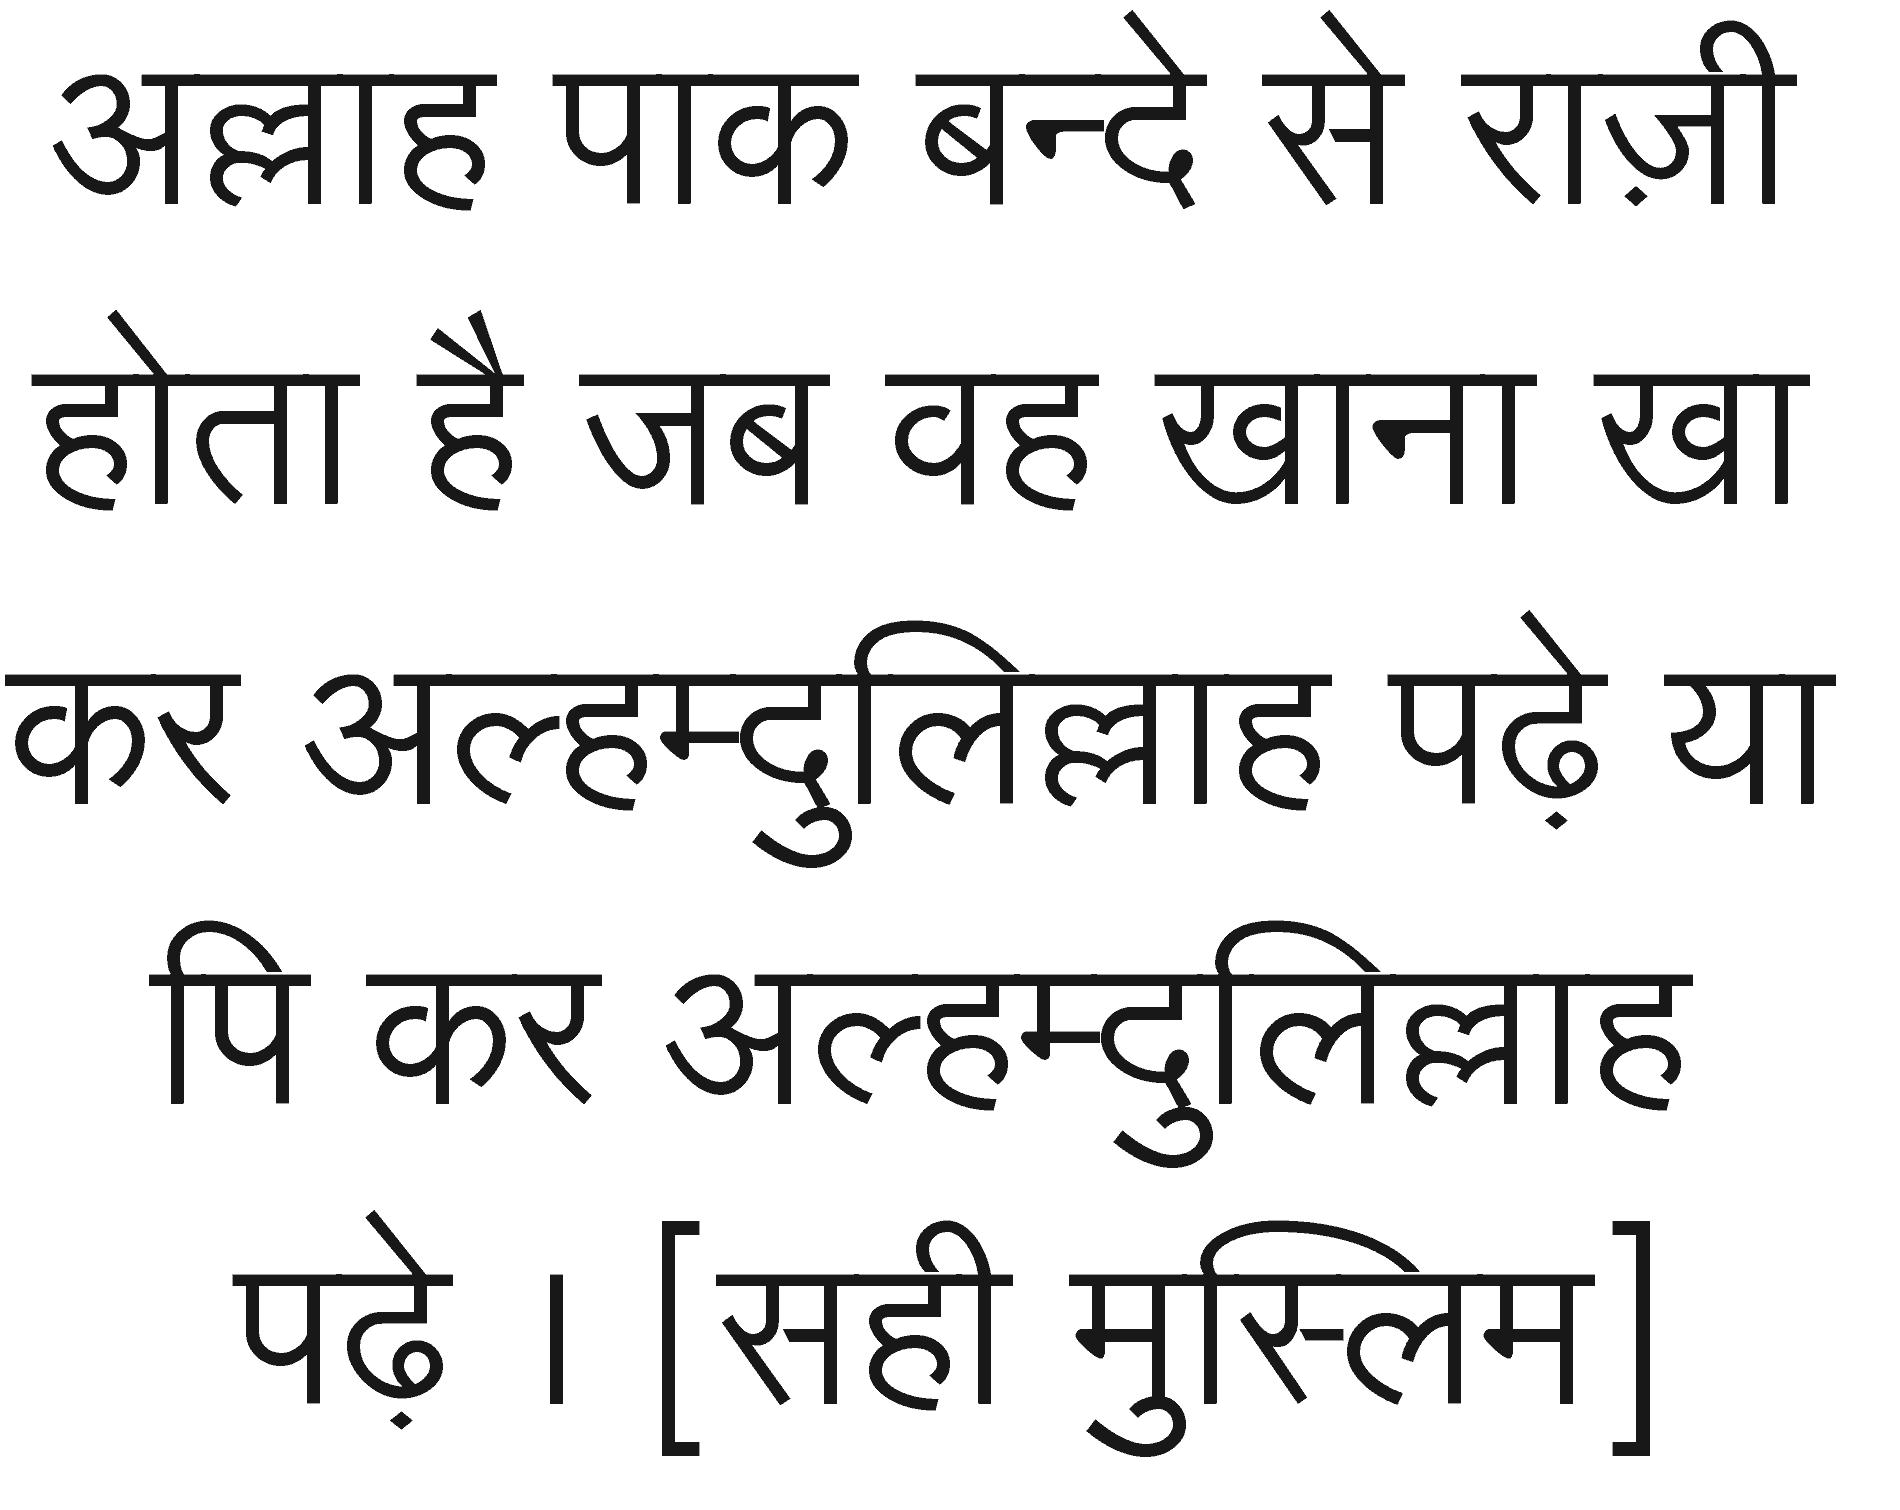 bioapma - Juma ka khutba in hindi